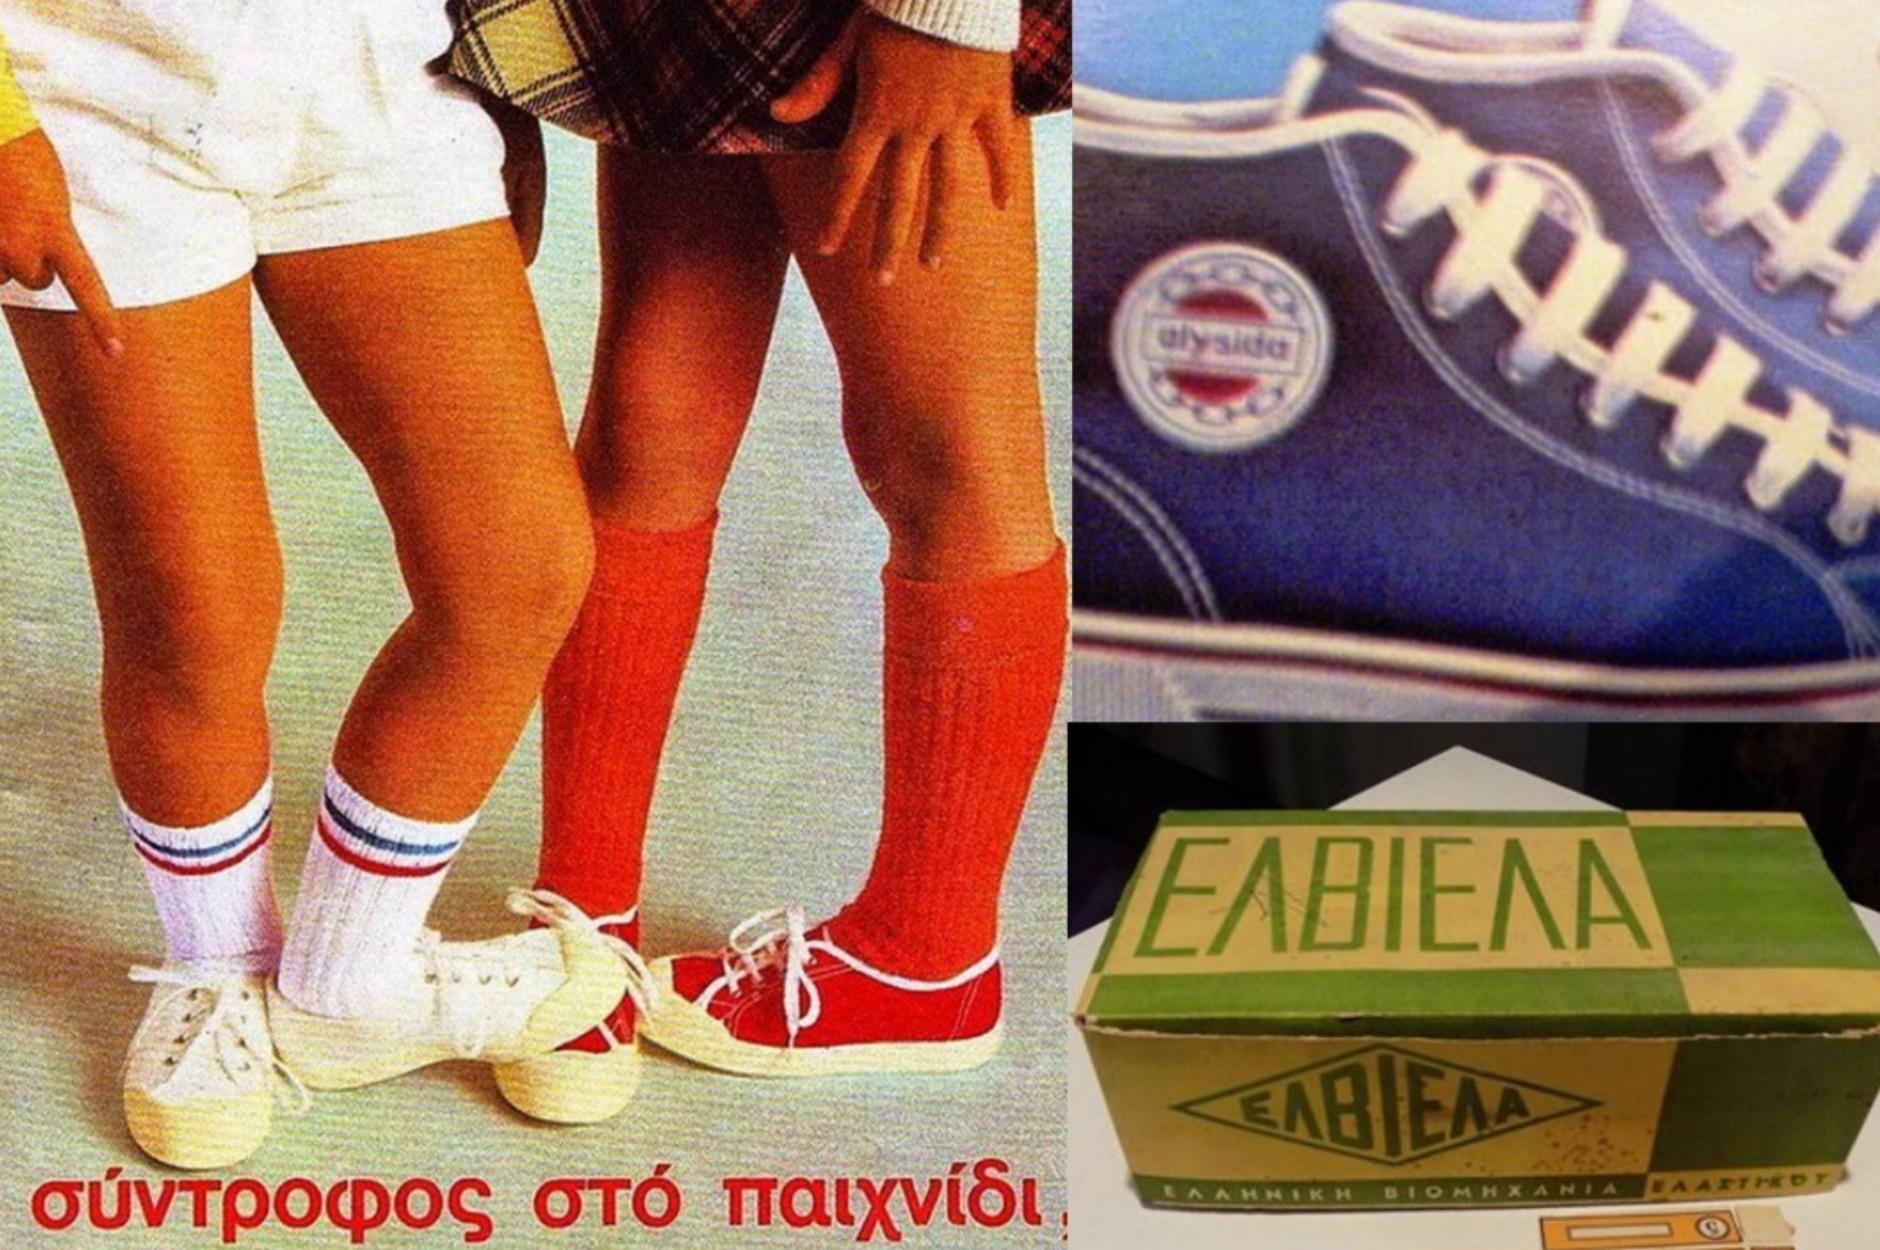 Ελβιέλα και σπορτέξ – Πως γεννήθηκε το ελληνικό παπούτσι που μεγάλωσε ολόκληρες γενιές